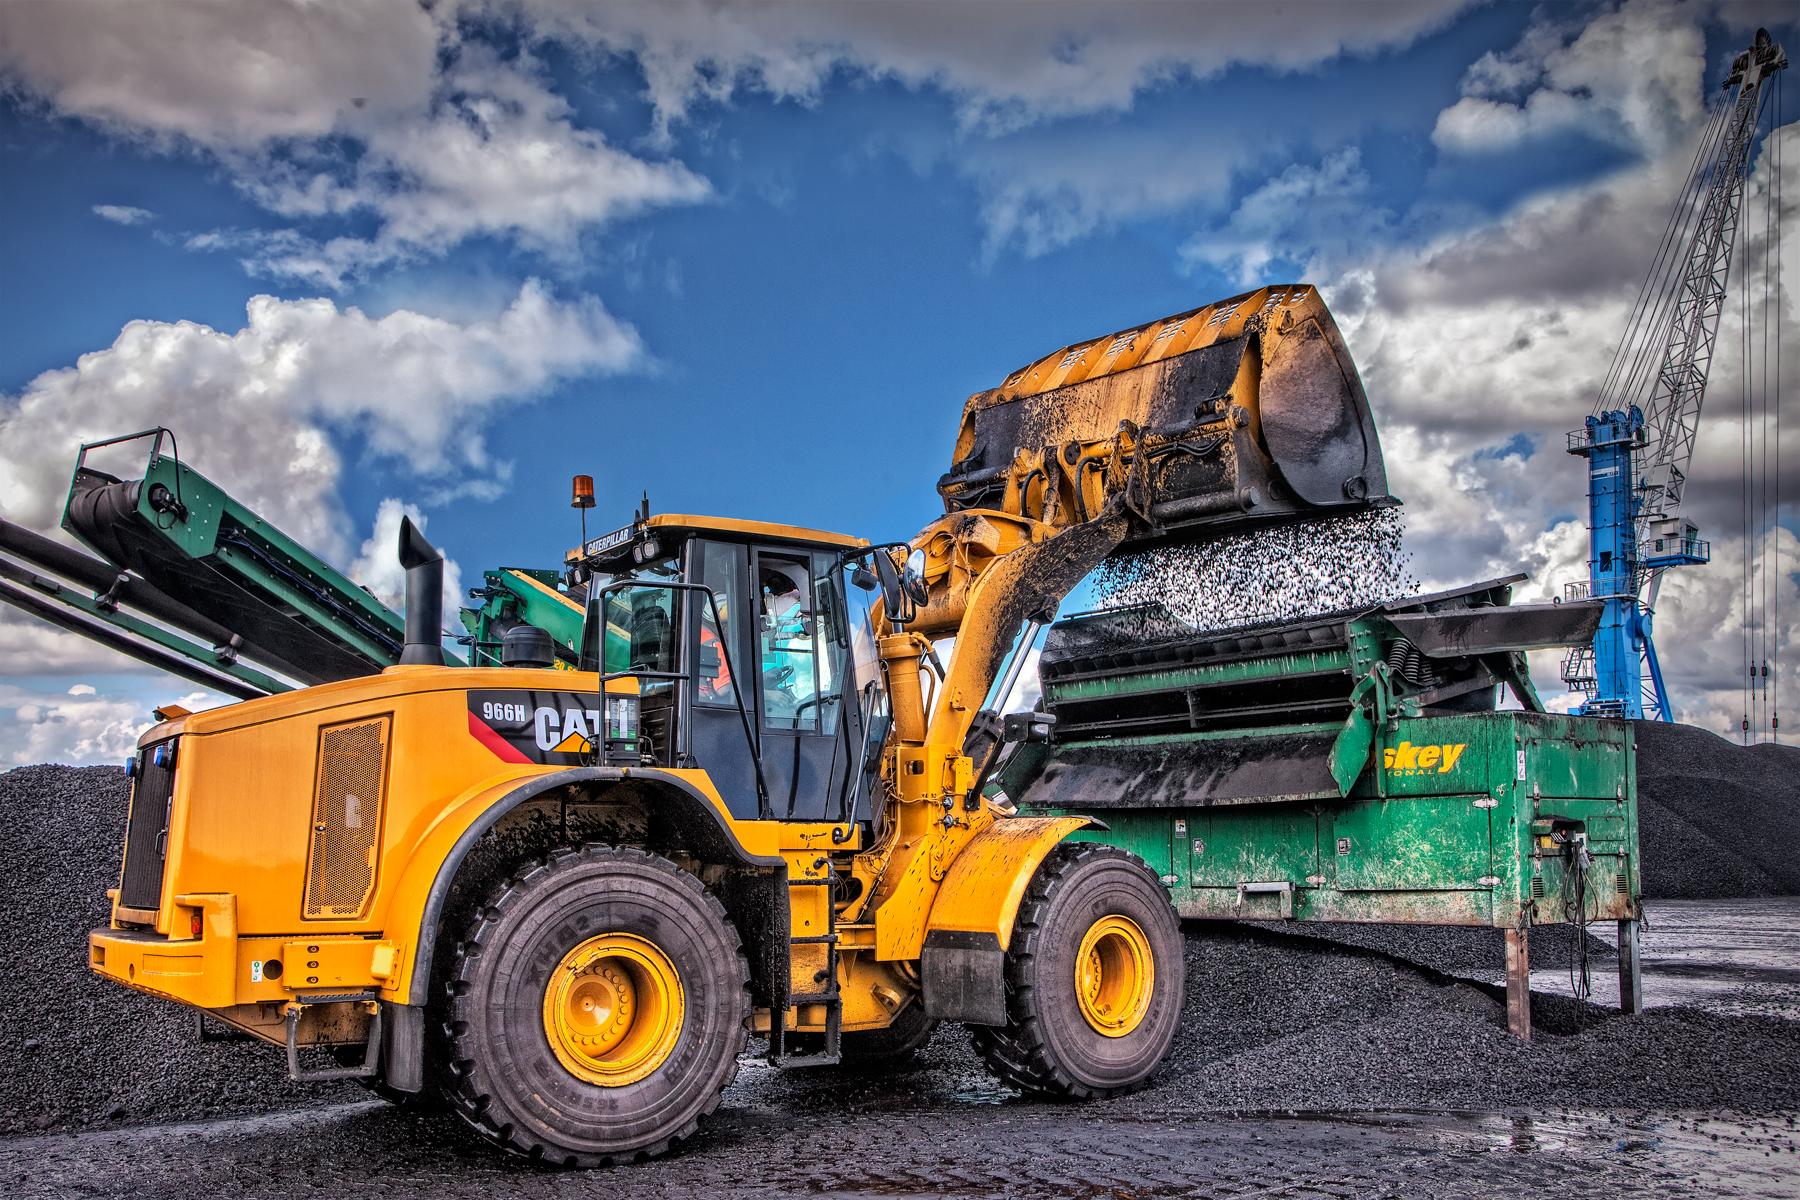 Wheeled loader UK UAE USA industrial photographer